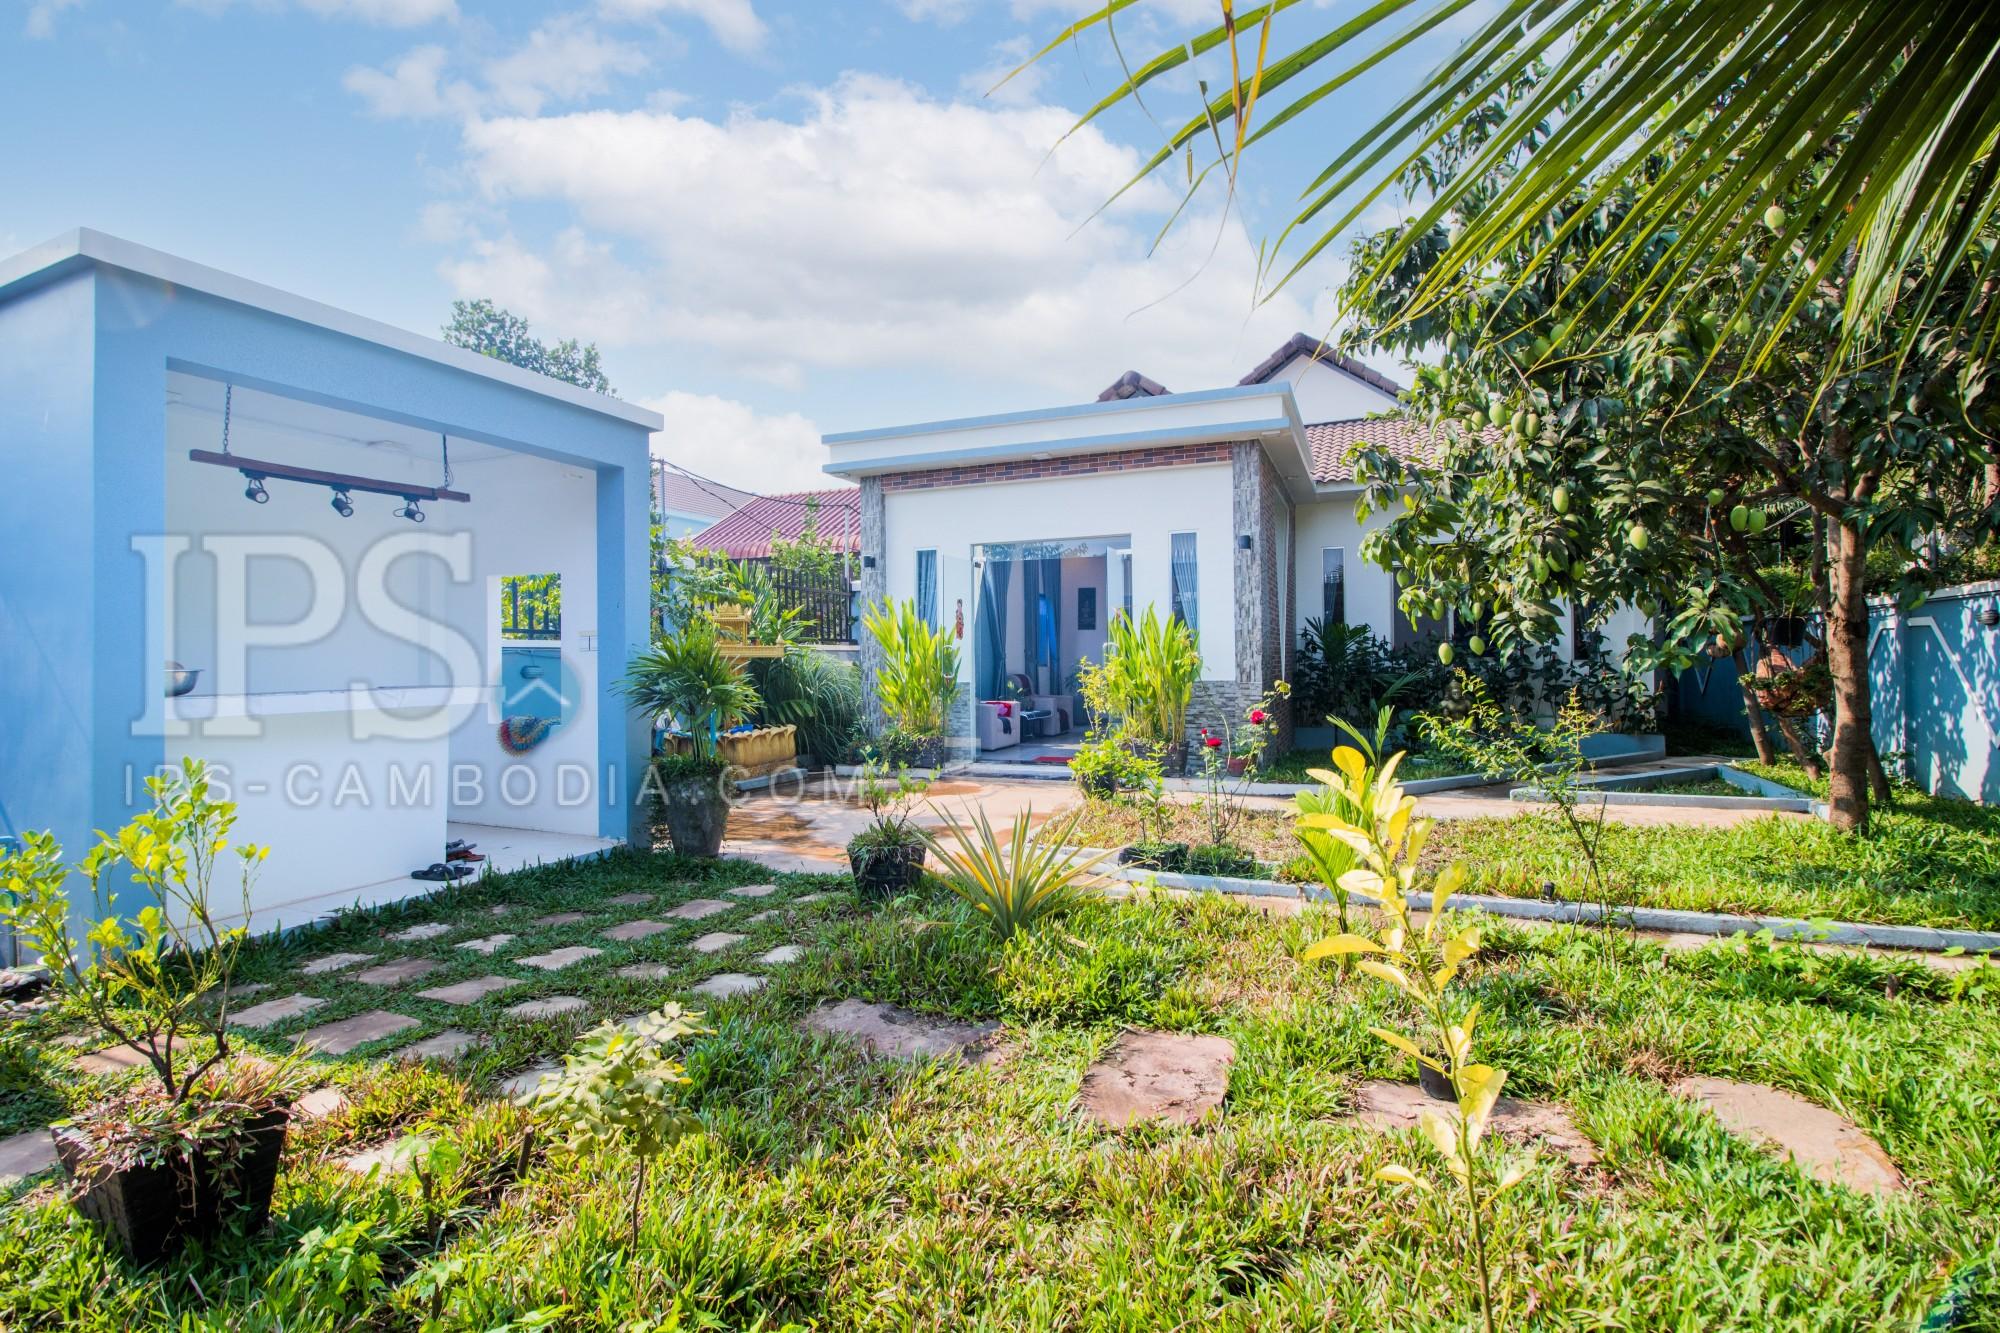 2 Bedroom Villa For Sale - Kouk Chak, Siem Reap